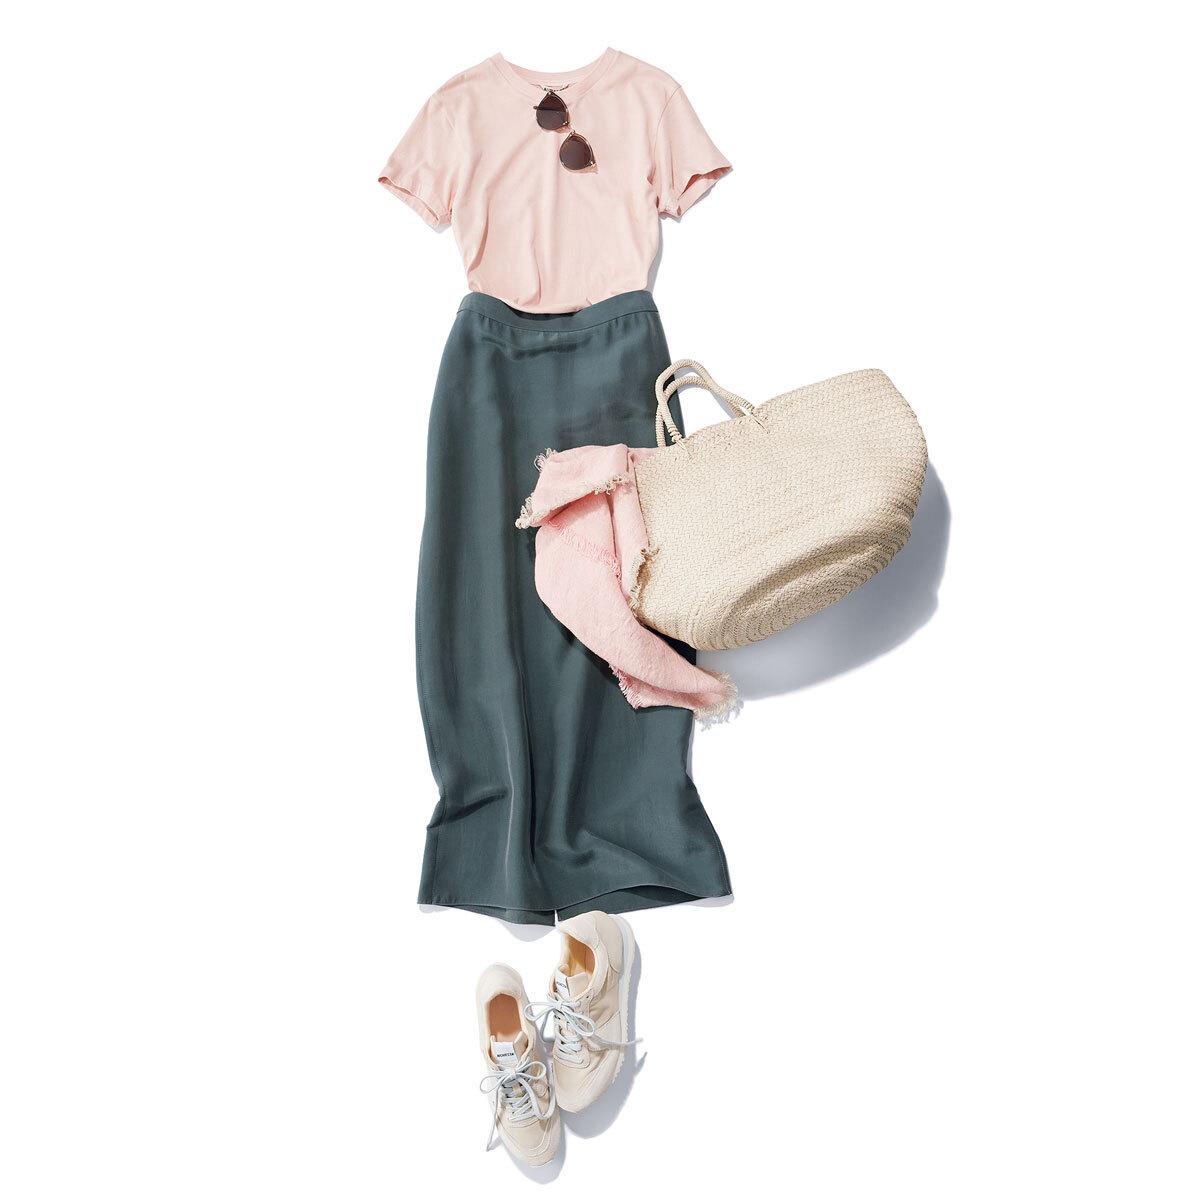 ■オーラリーのくすみピンクTシャツ × グレーのタイトスカート